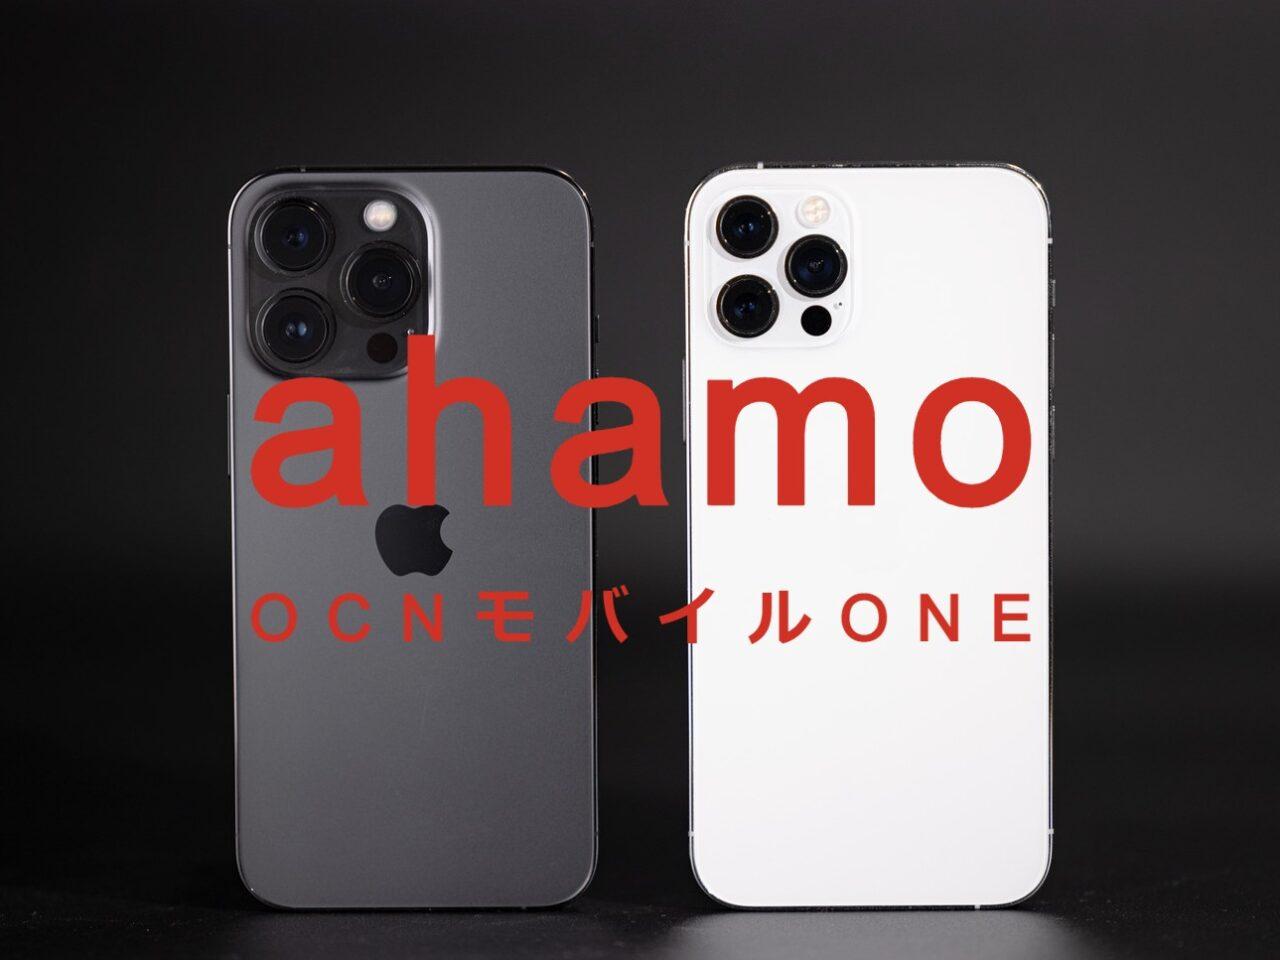 OCNモバイルONEからahamo(アハモ)への乗り換えはおすすめ?やり方は?のサムネイル画像